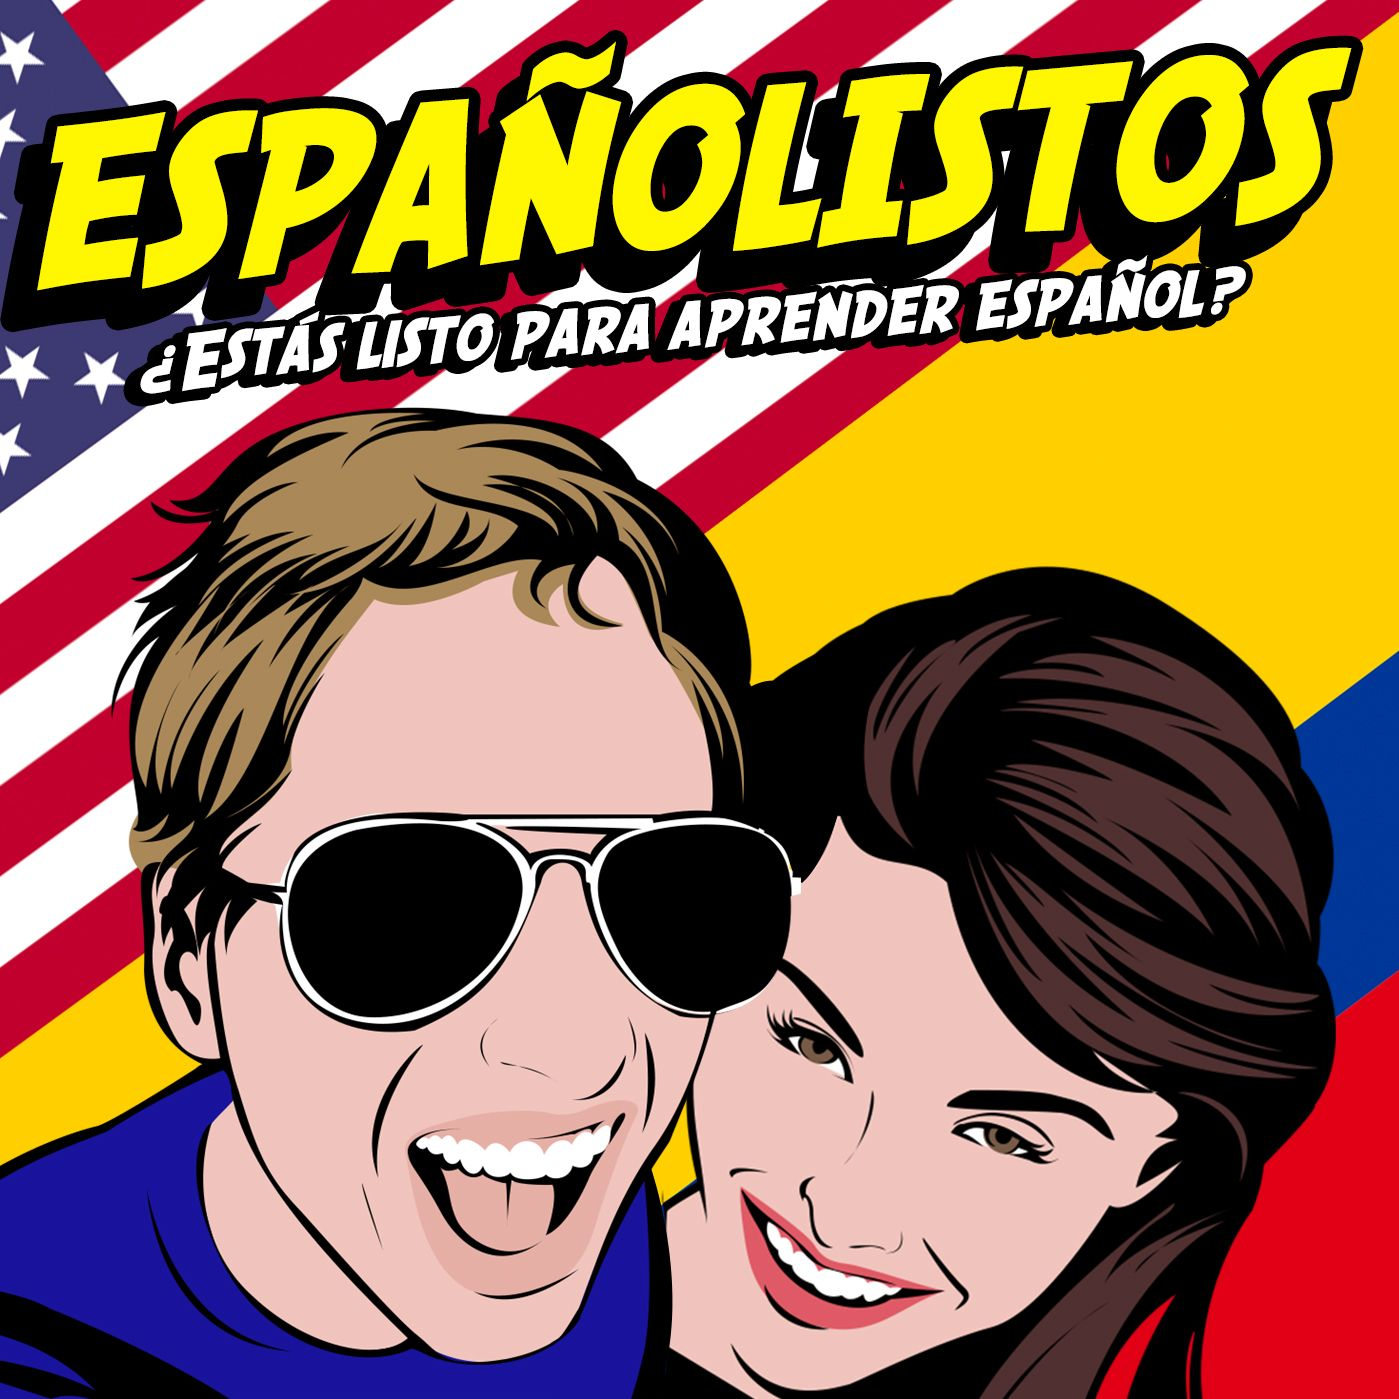 Episodio 137 - 10 Festivales Populares De Latinoamérica [Con Miguel]